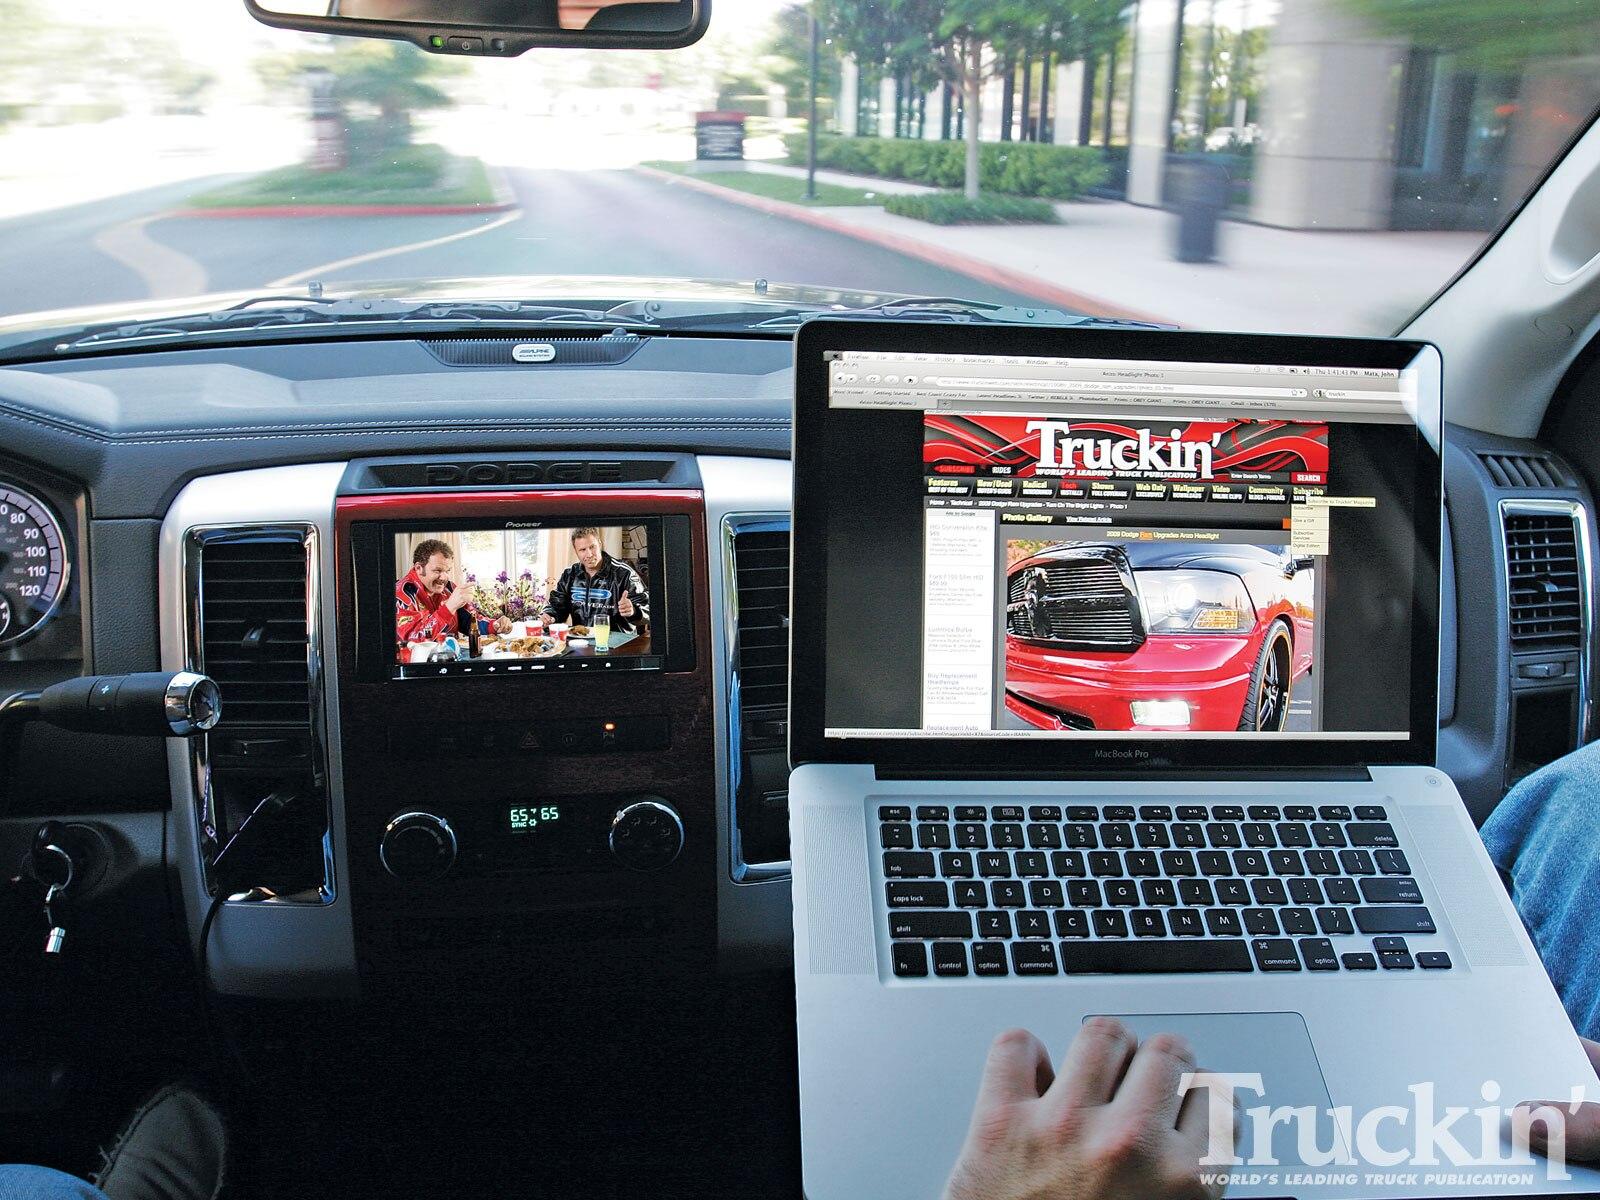 2009 Dodge Ram Upgrades - Mopar UConnect Web Mobile Wi-Fi